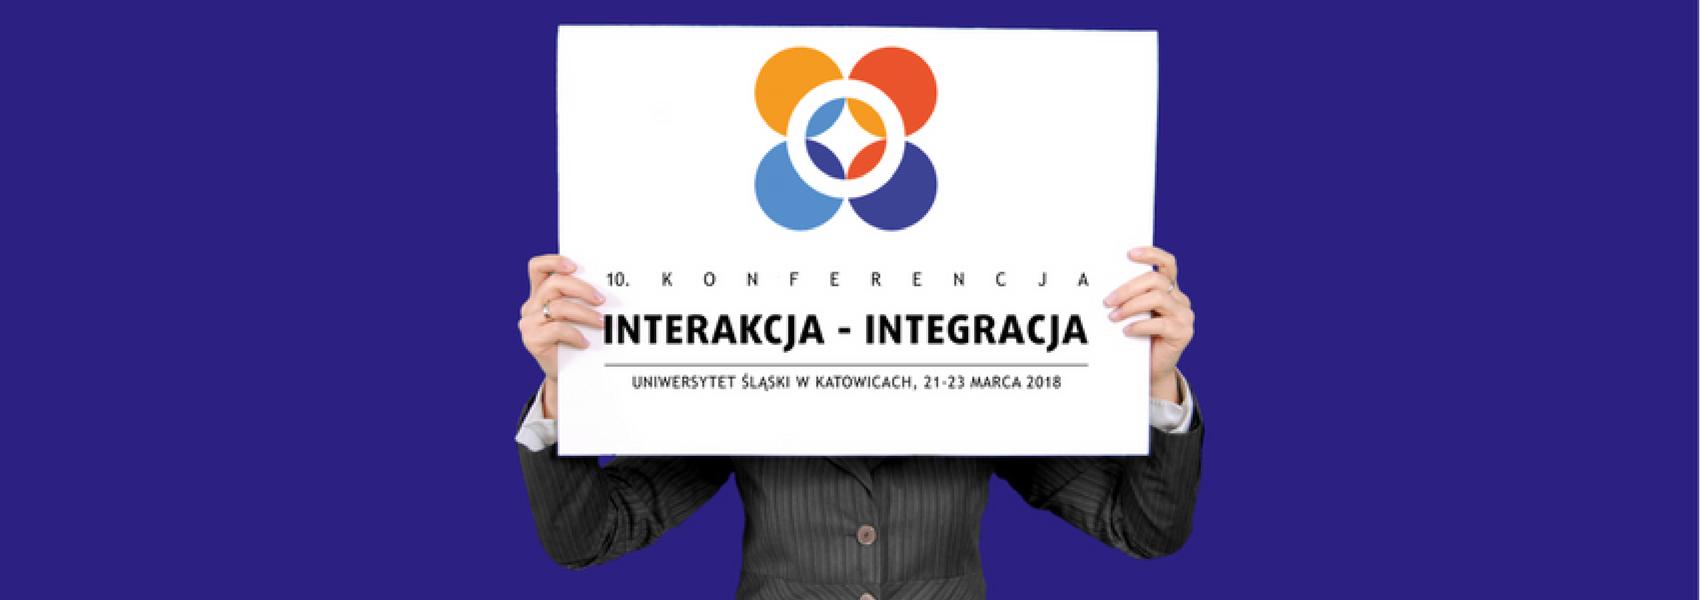 interakcja-integracja 2017_1700x600